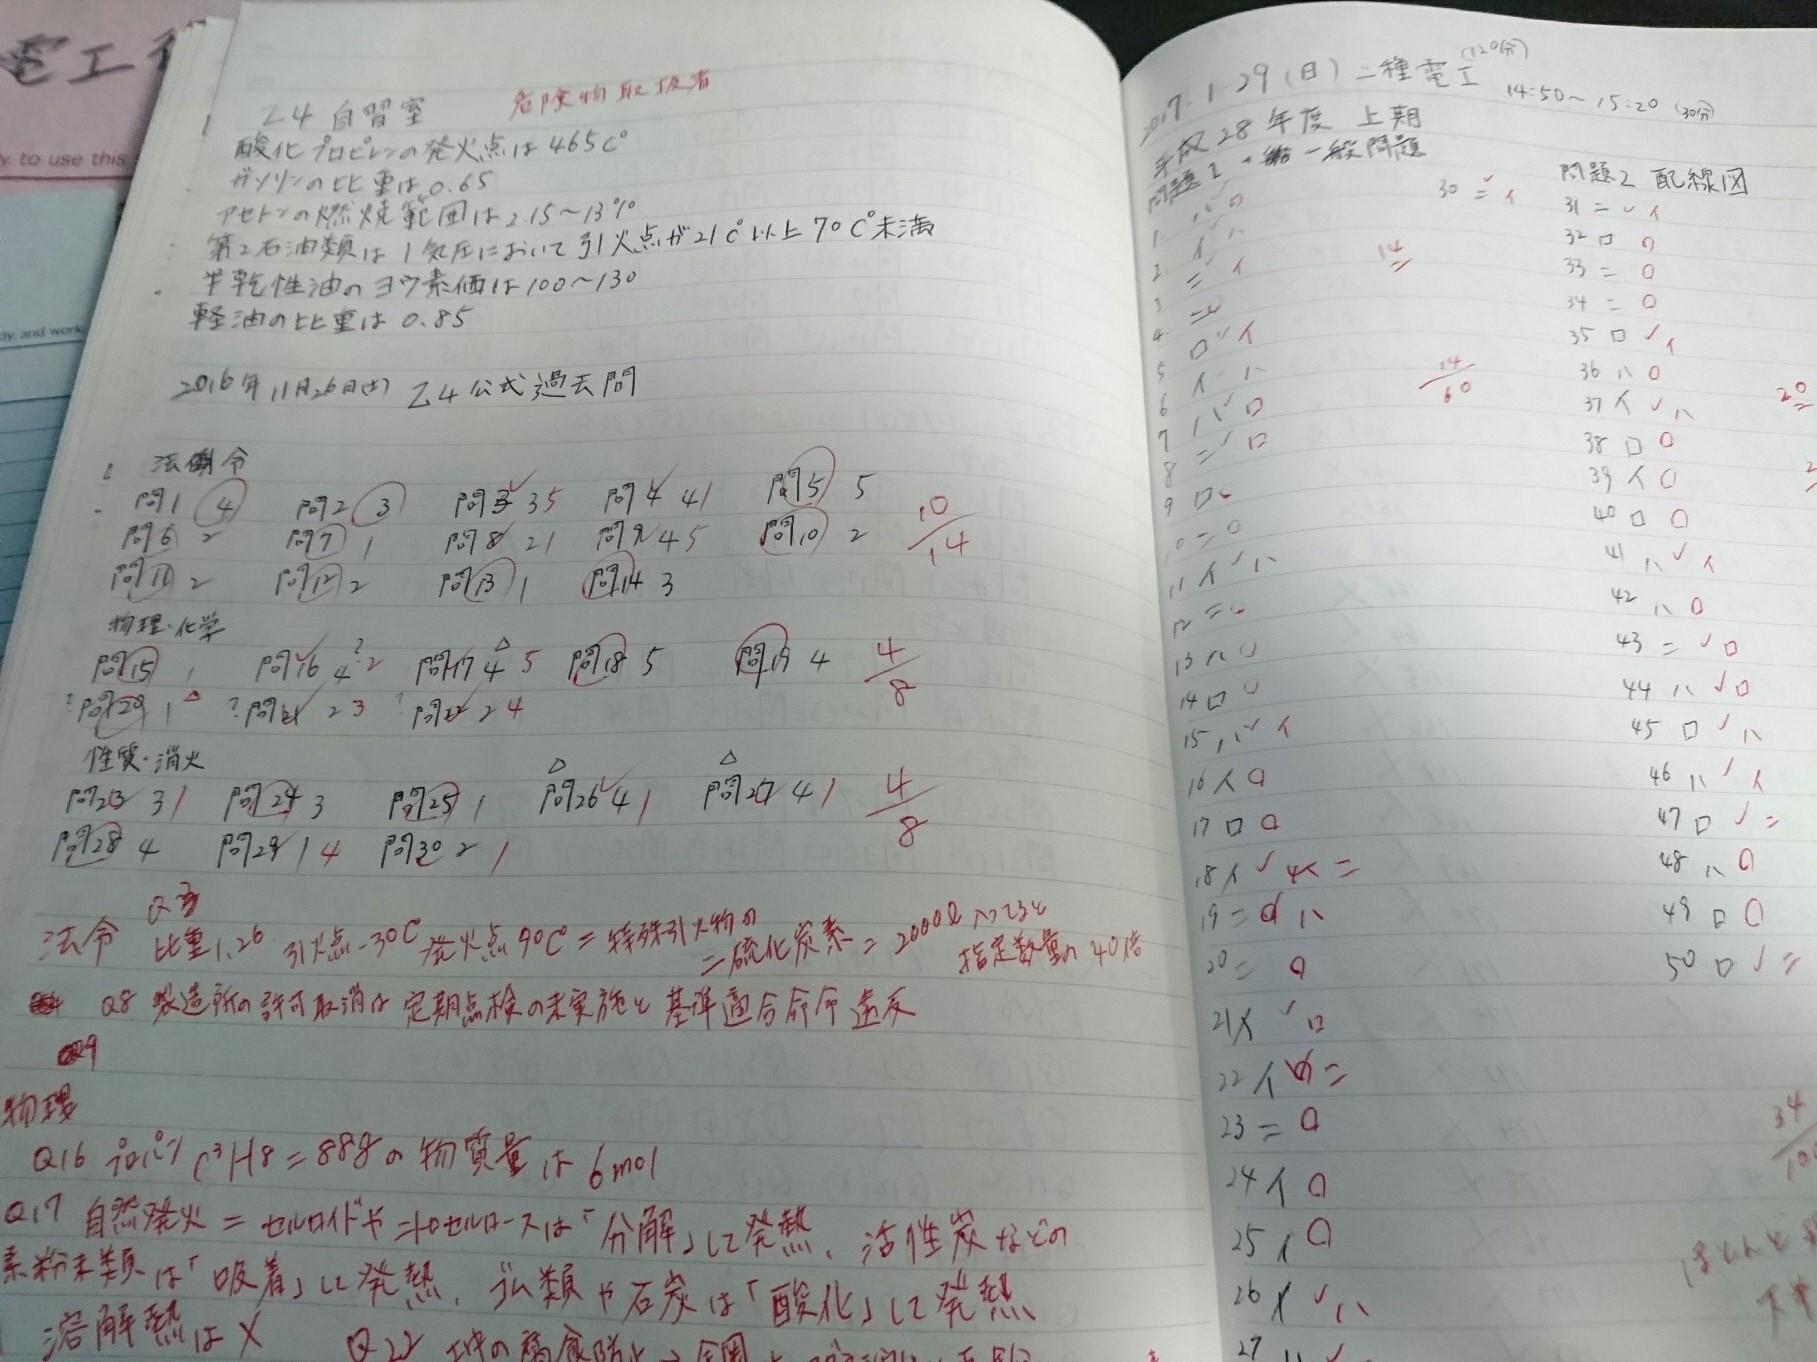 過去問の勉強をするにあたり、乙4自習室も役立ちました。